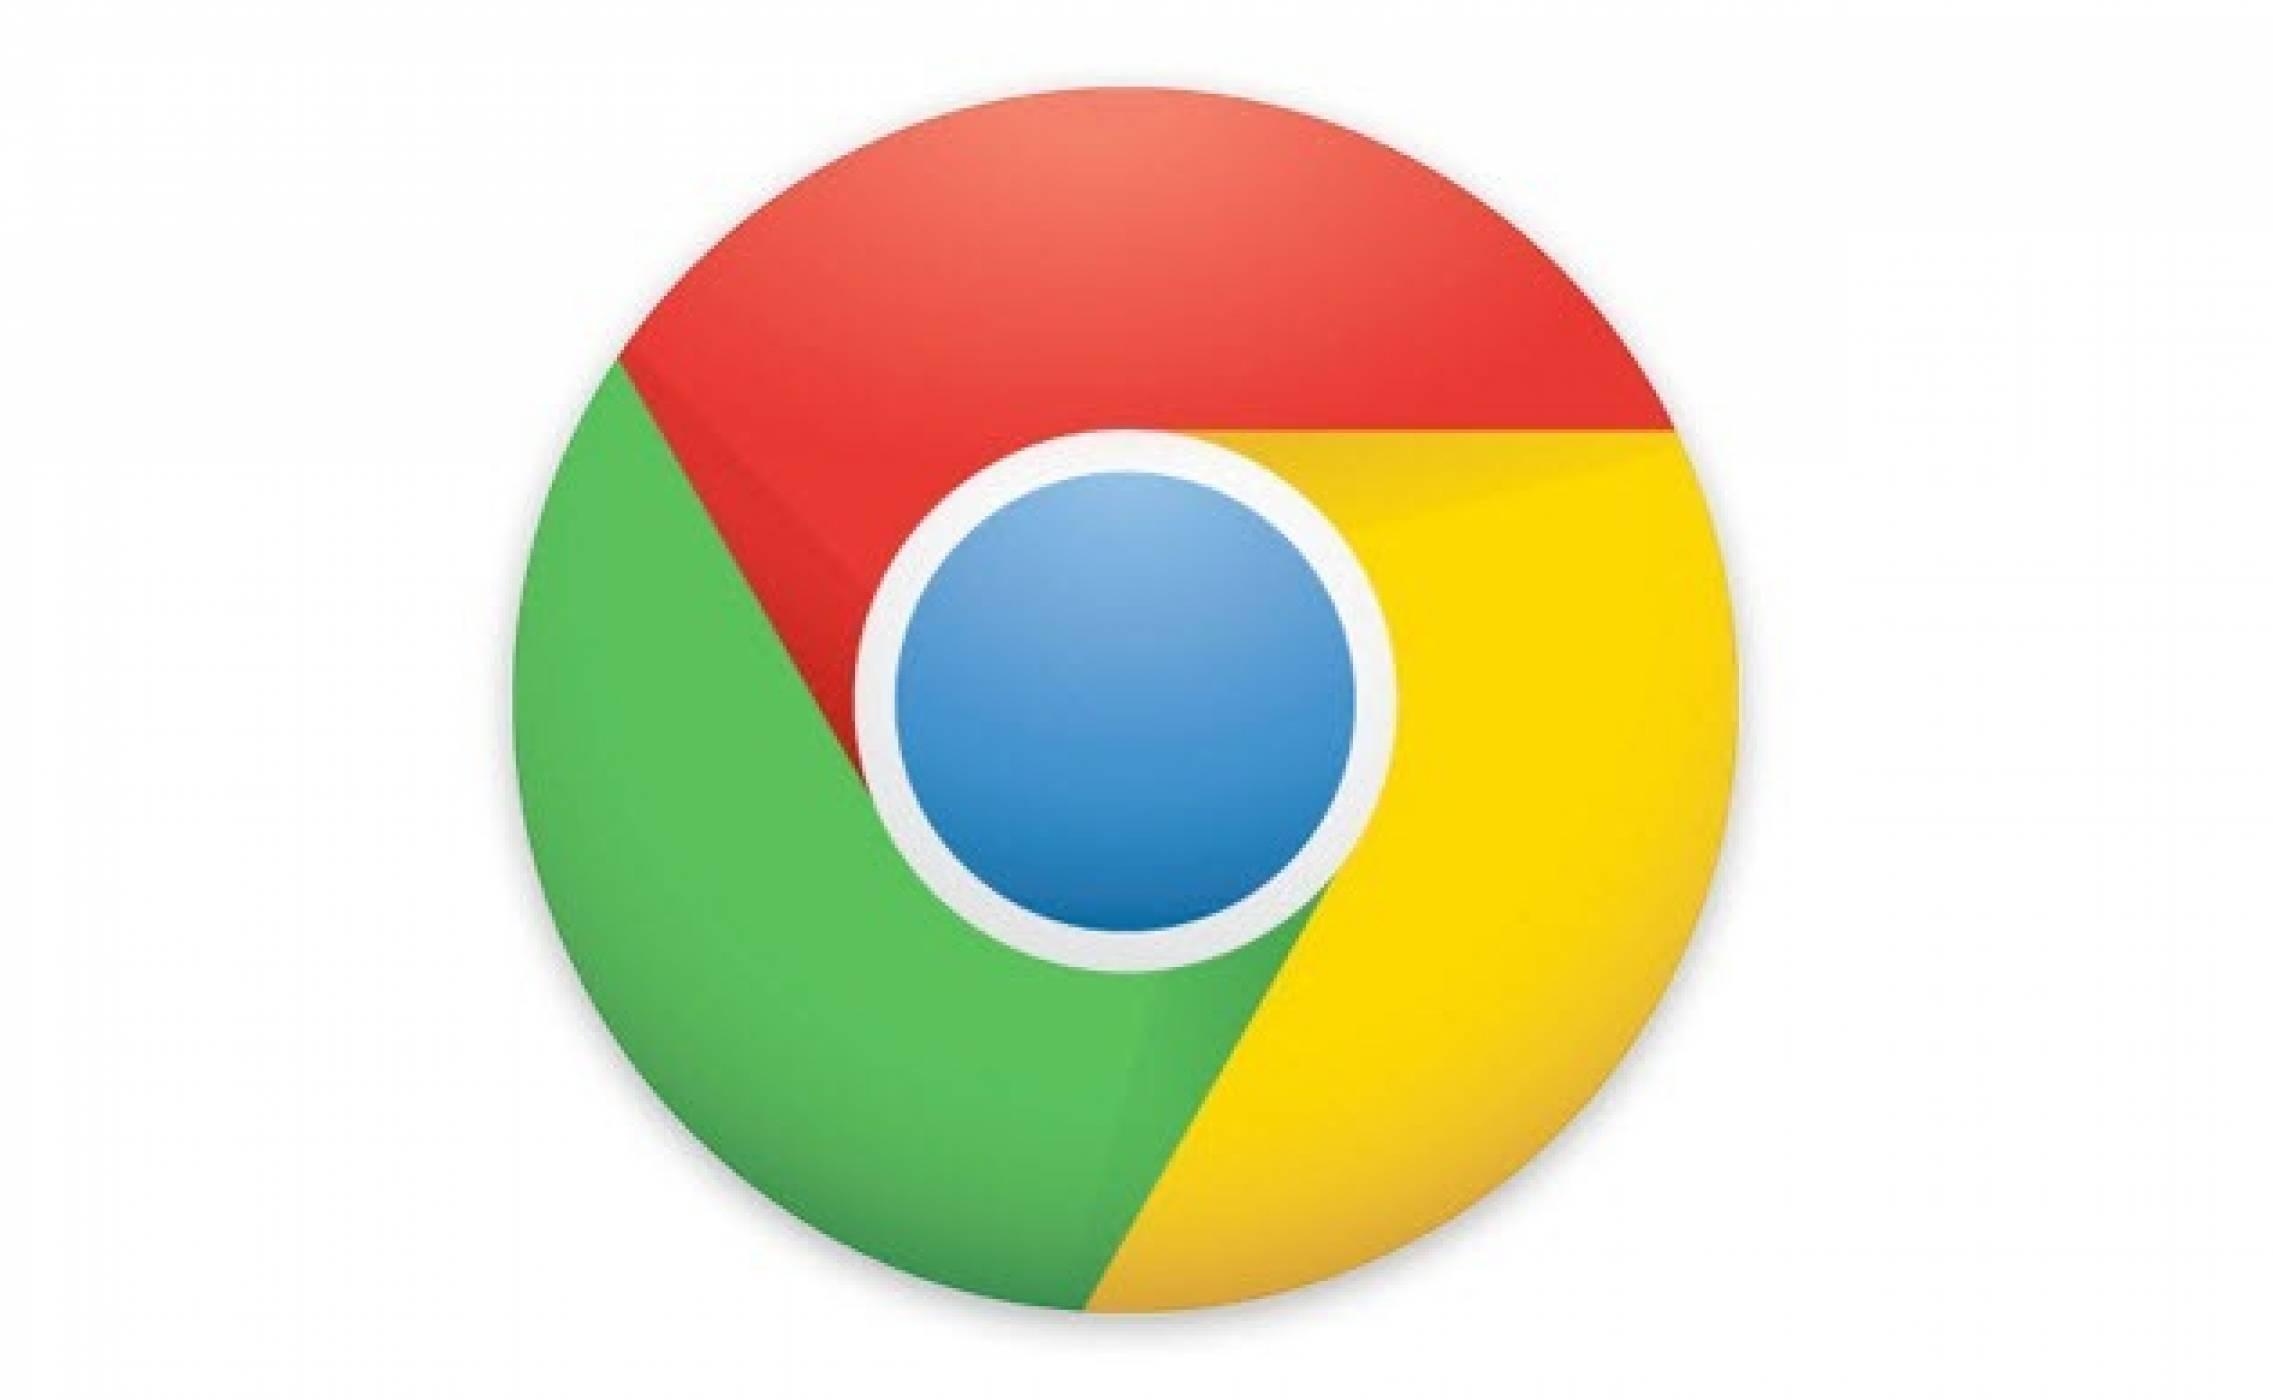 """Chrome става значително по-защитен срещу сайтове, които обичат да """"шпионират"""""""